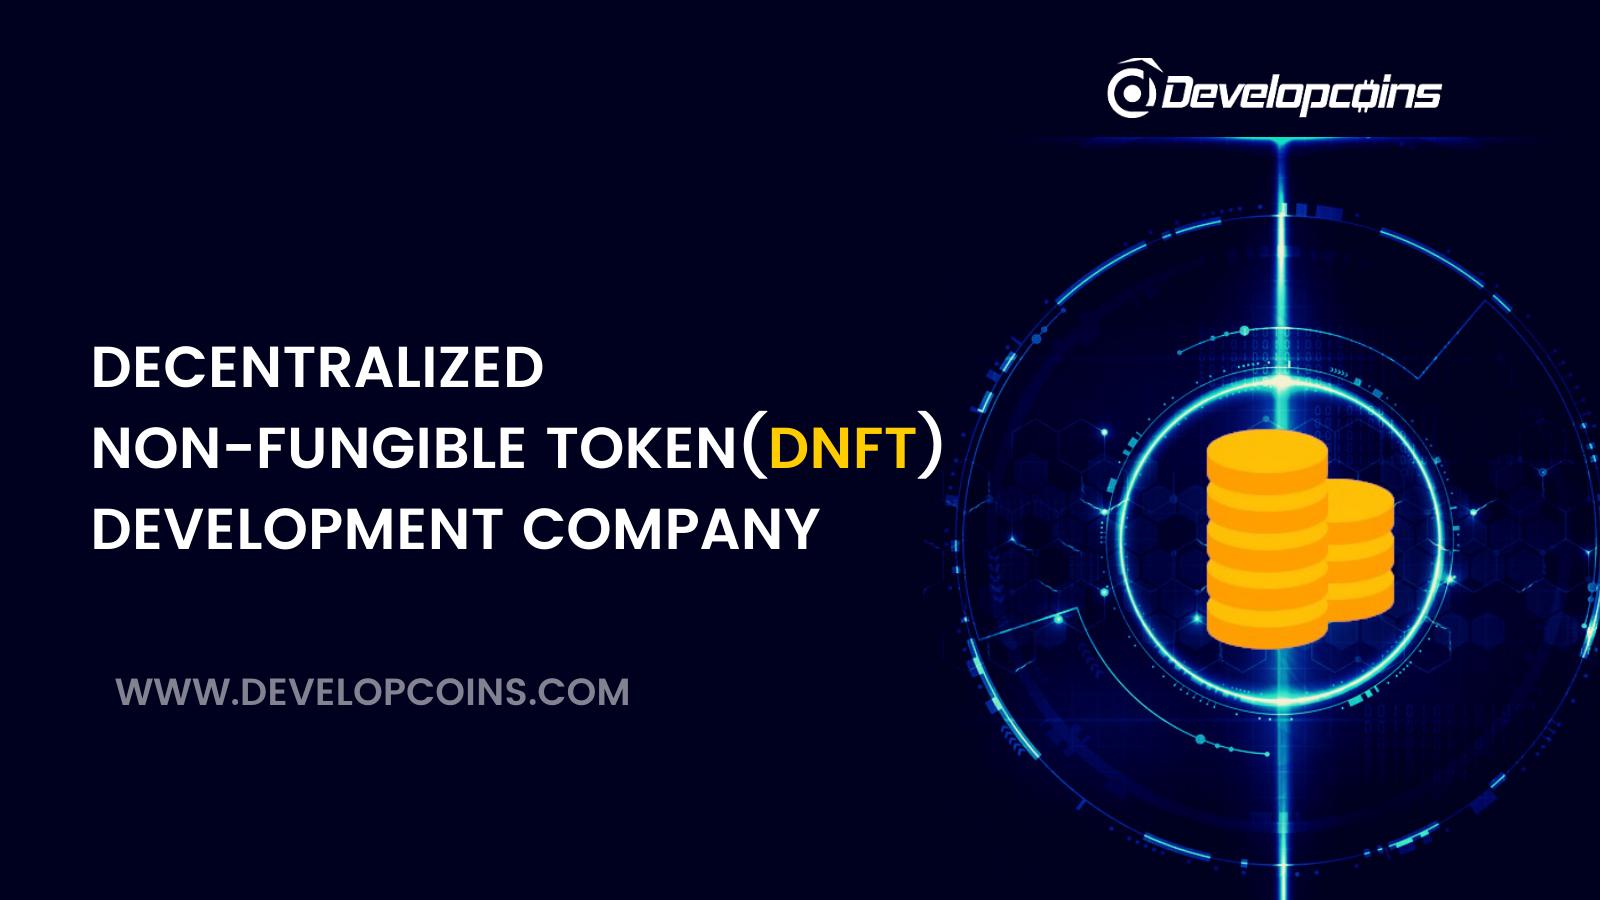 Decentralized Non-Fungible Token (DNFT) Development Company